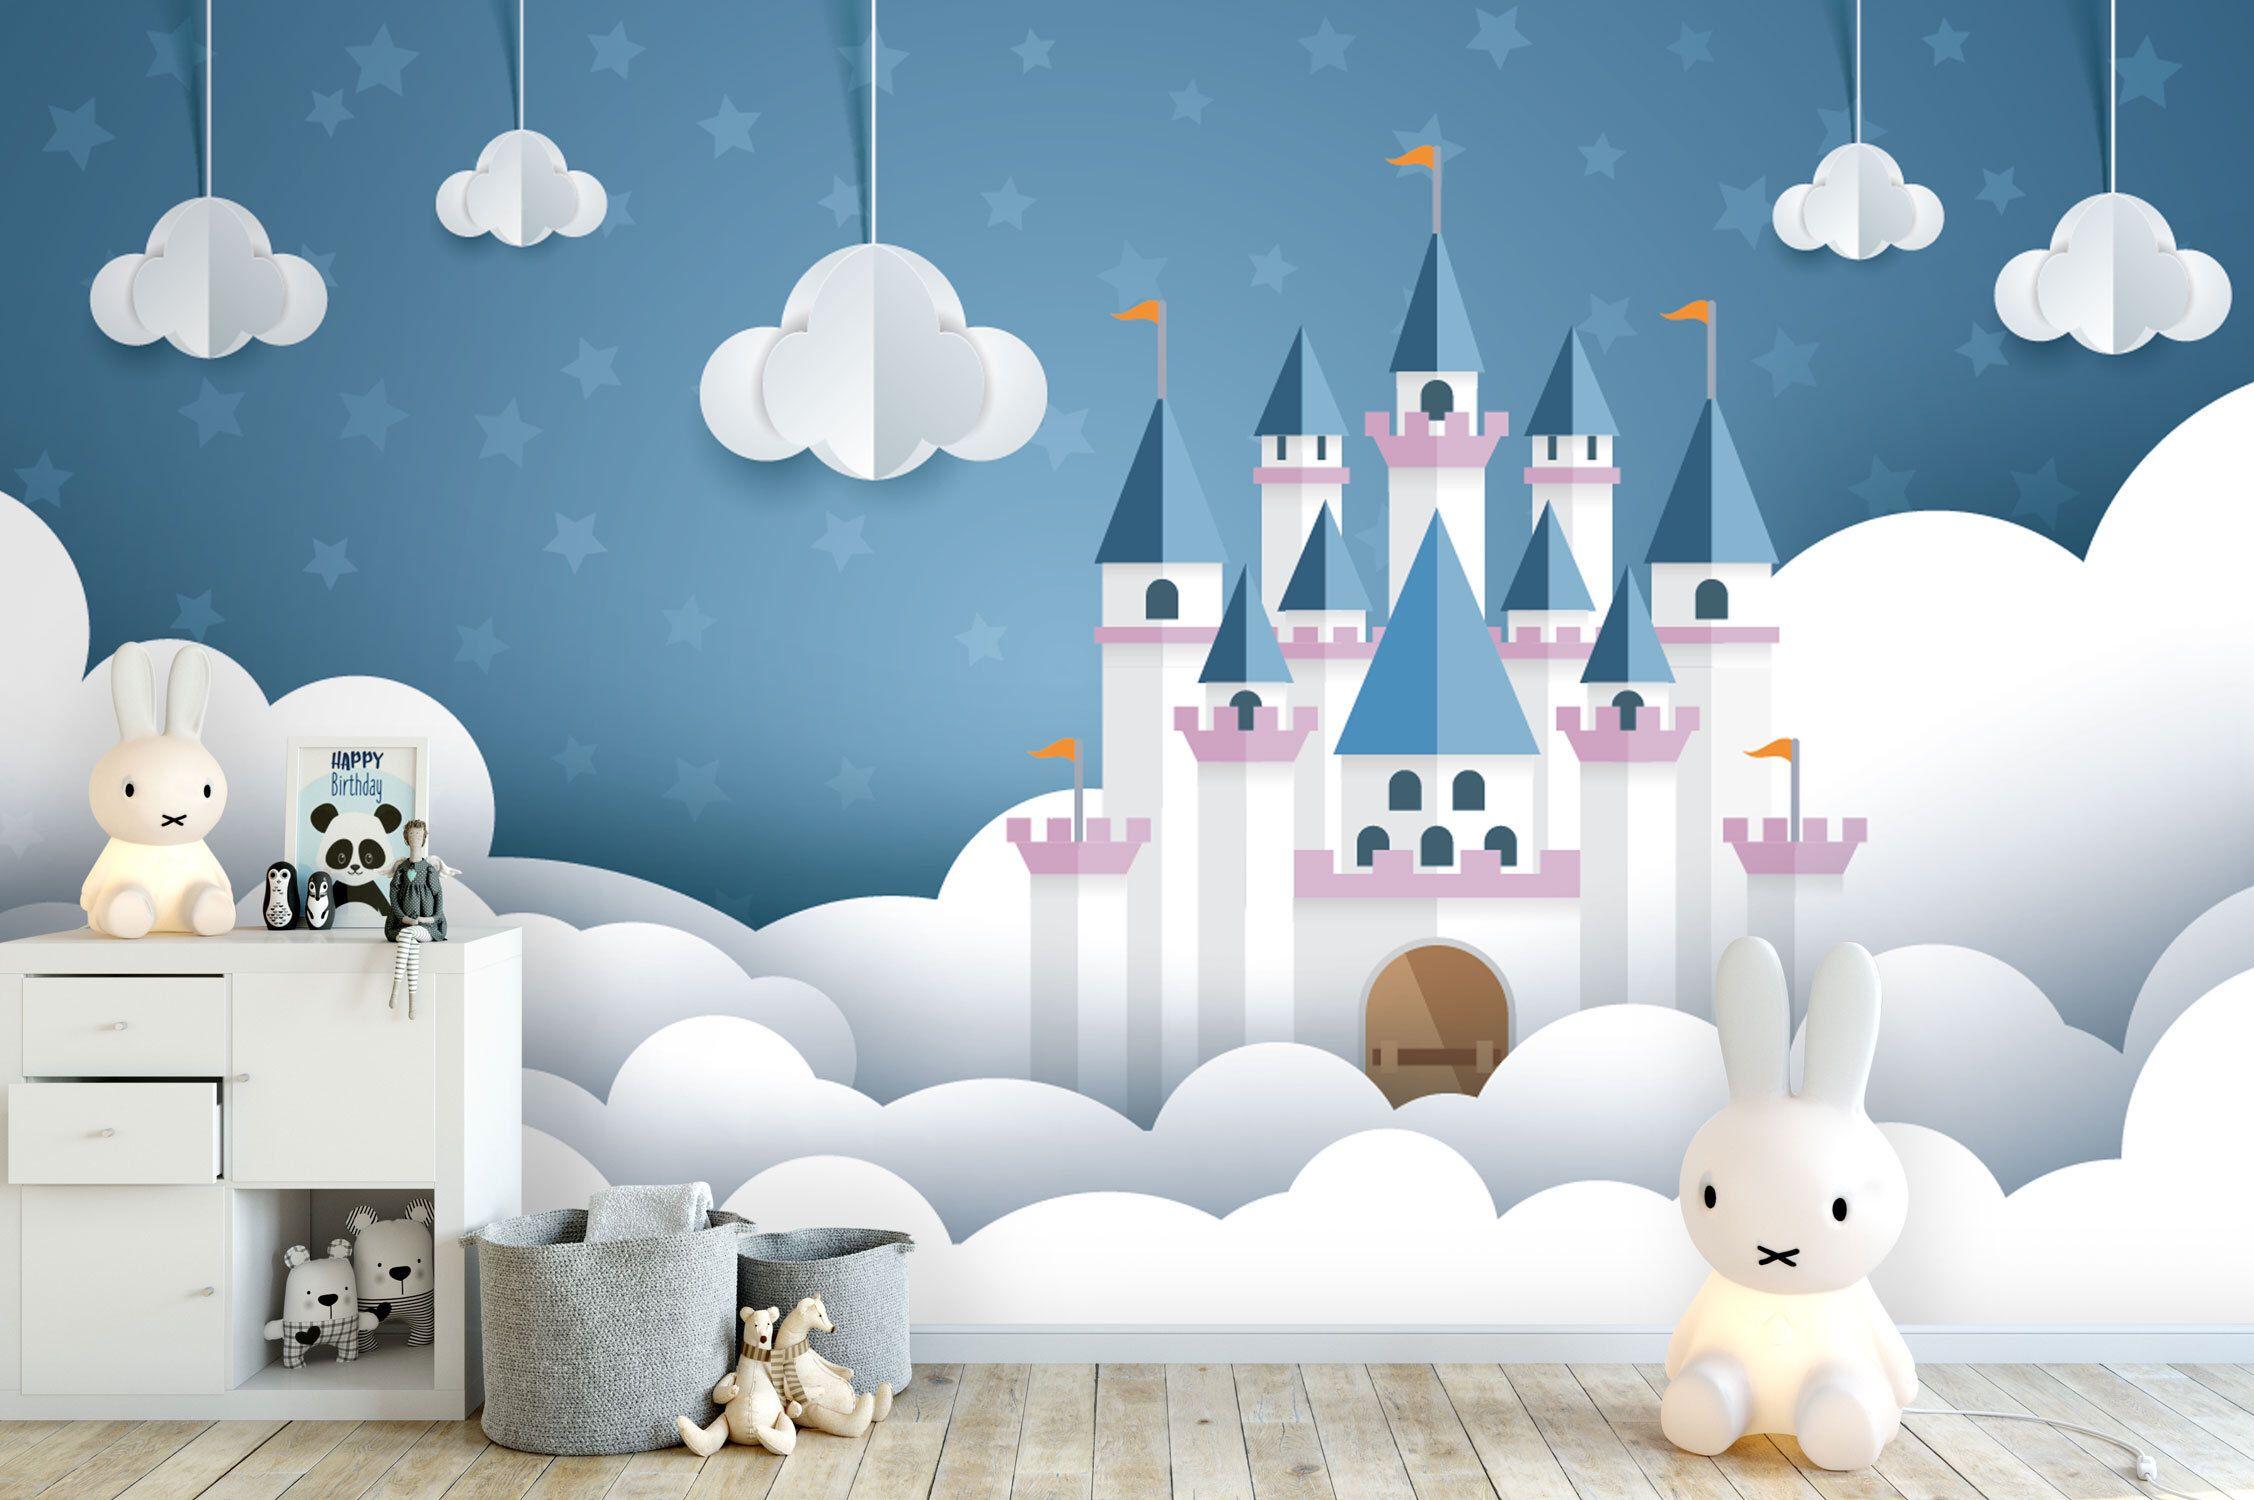 Tapete, Fototapete, Kinderzimmer, Babyzimmer, Schloss